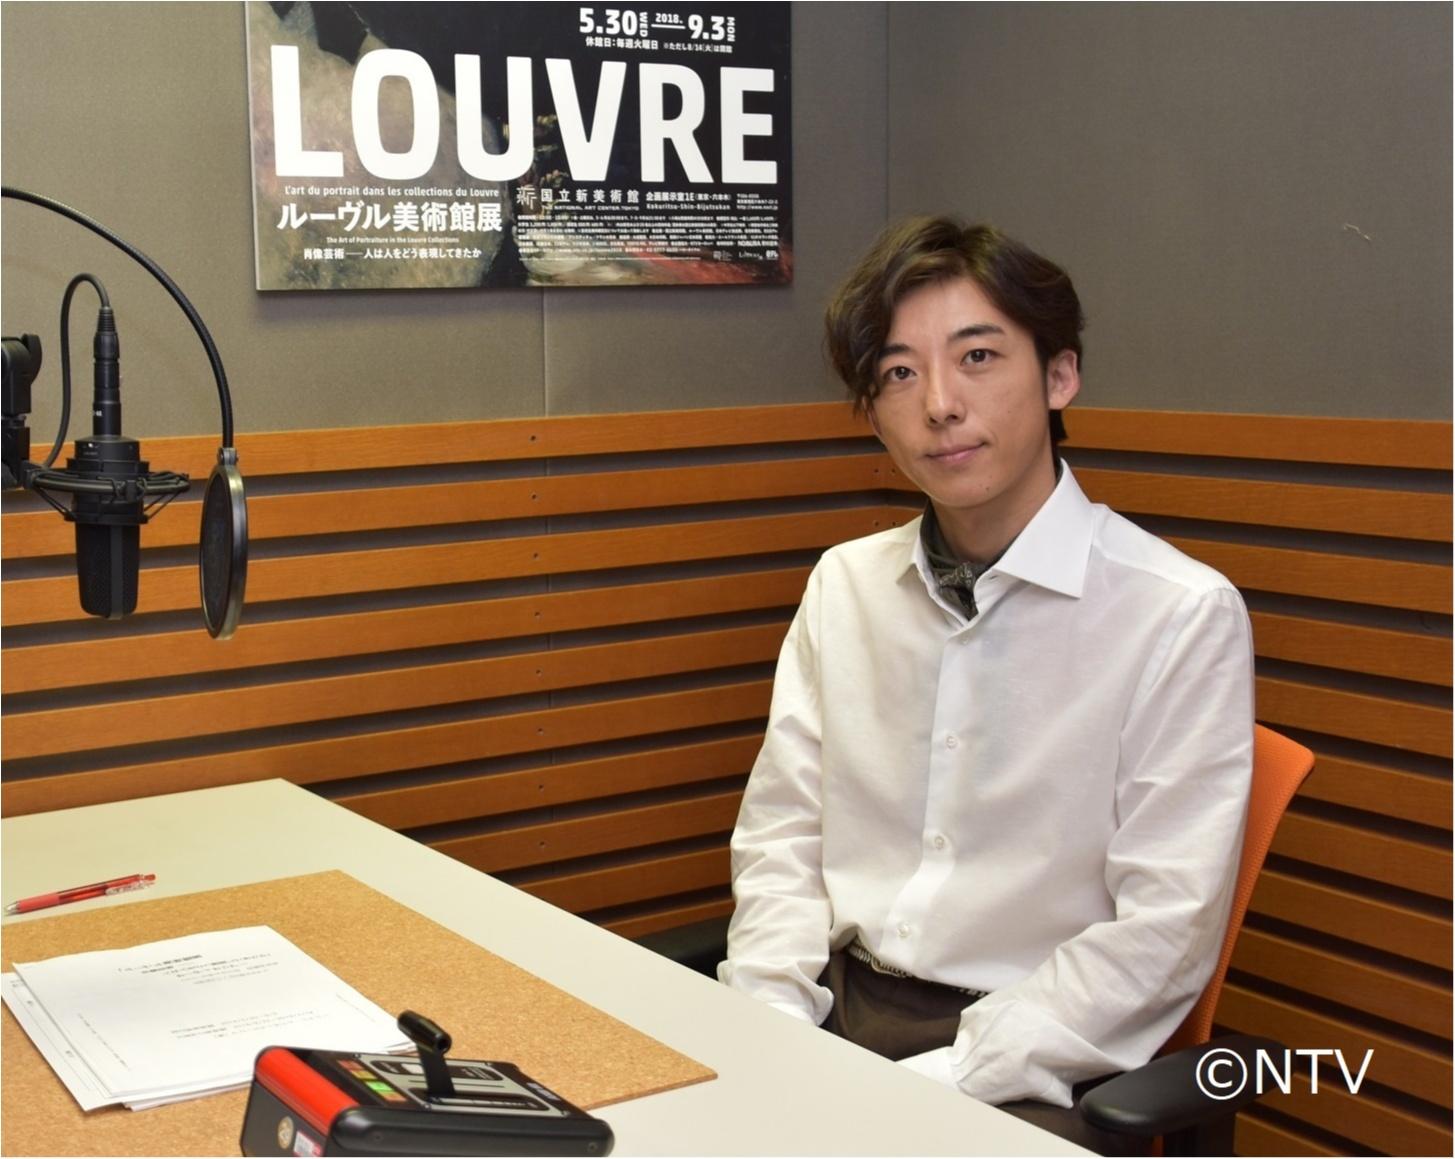 あの素敵ボイスをひとりじめ♡ 高橋一生さんが「ルーヴル美術館展」で音声ガイドに初挑戦!_1